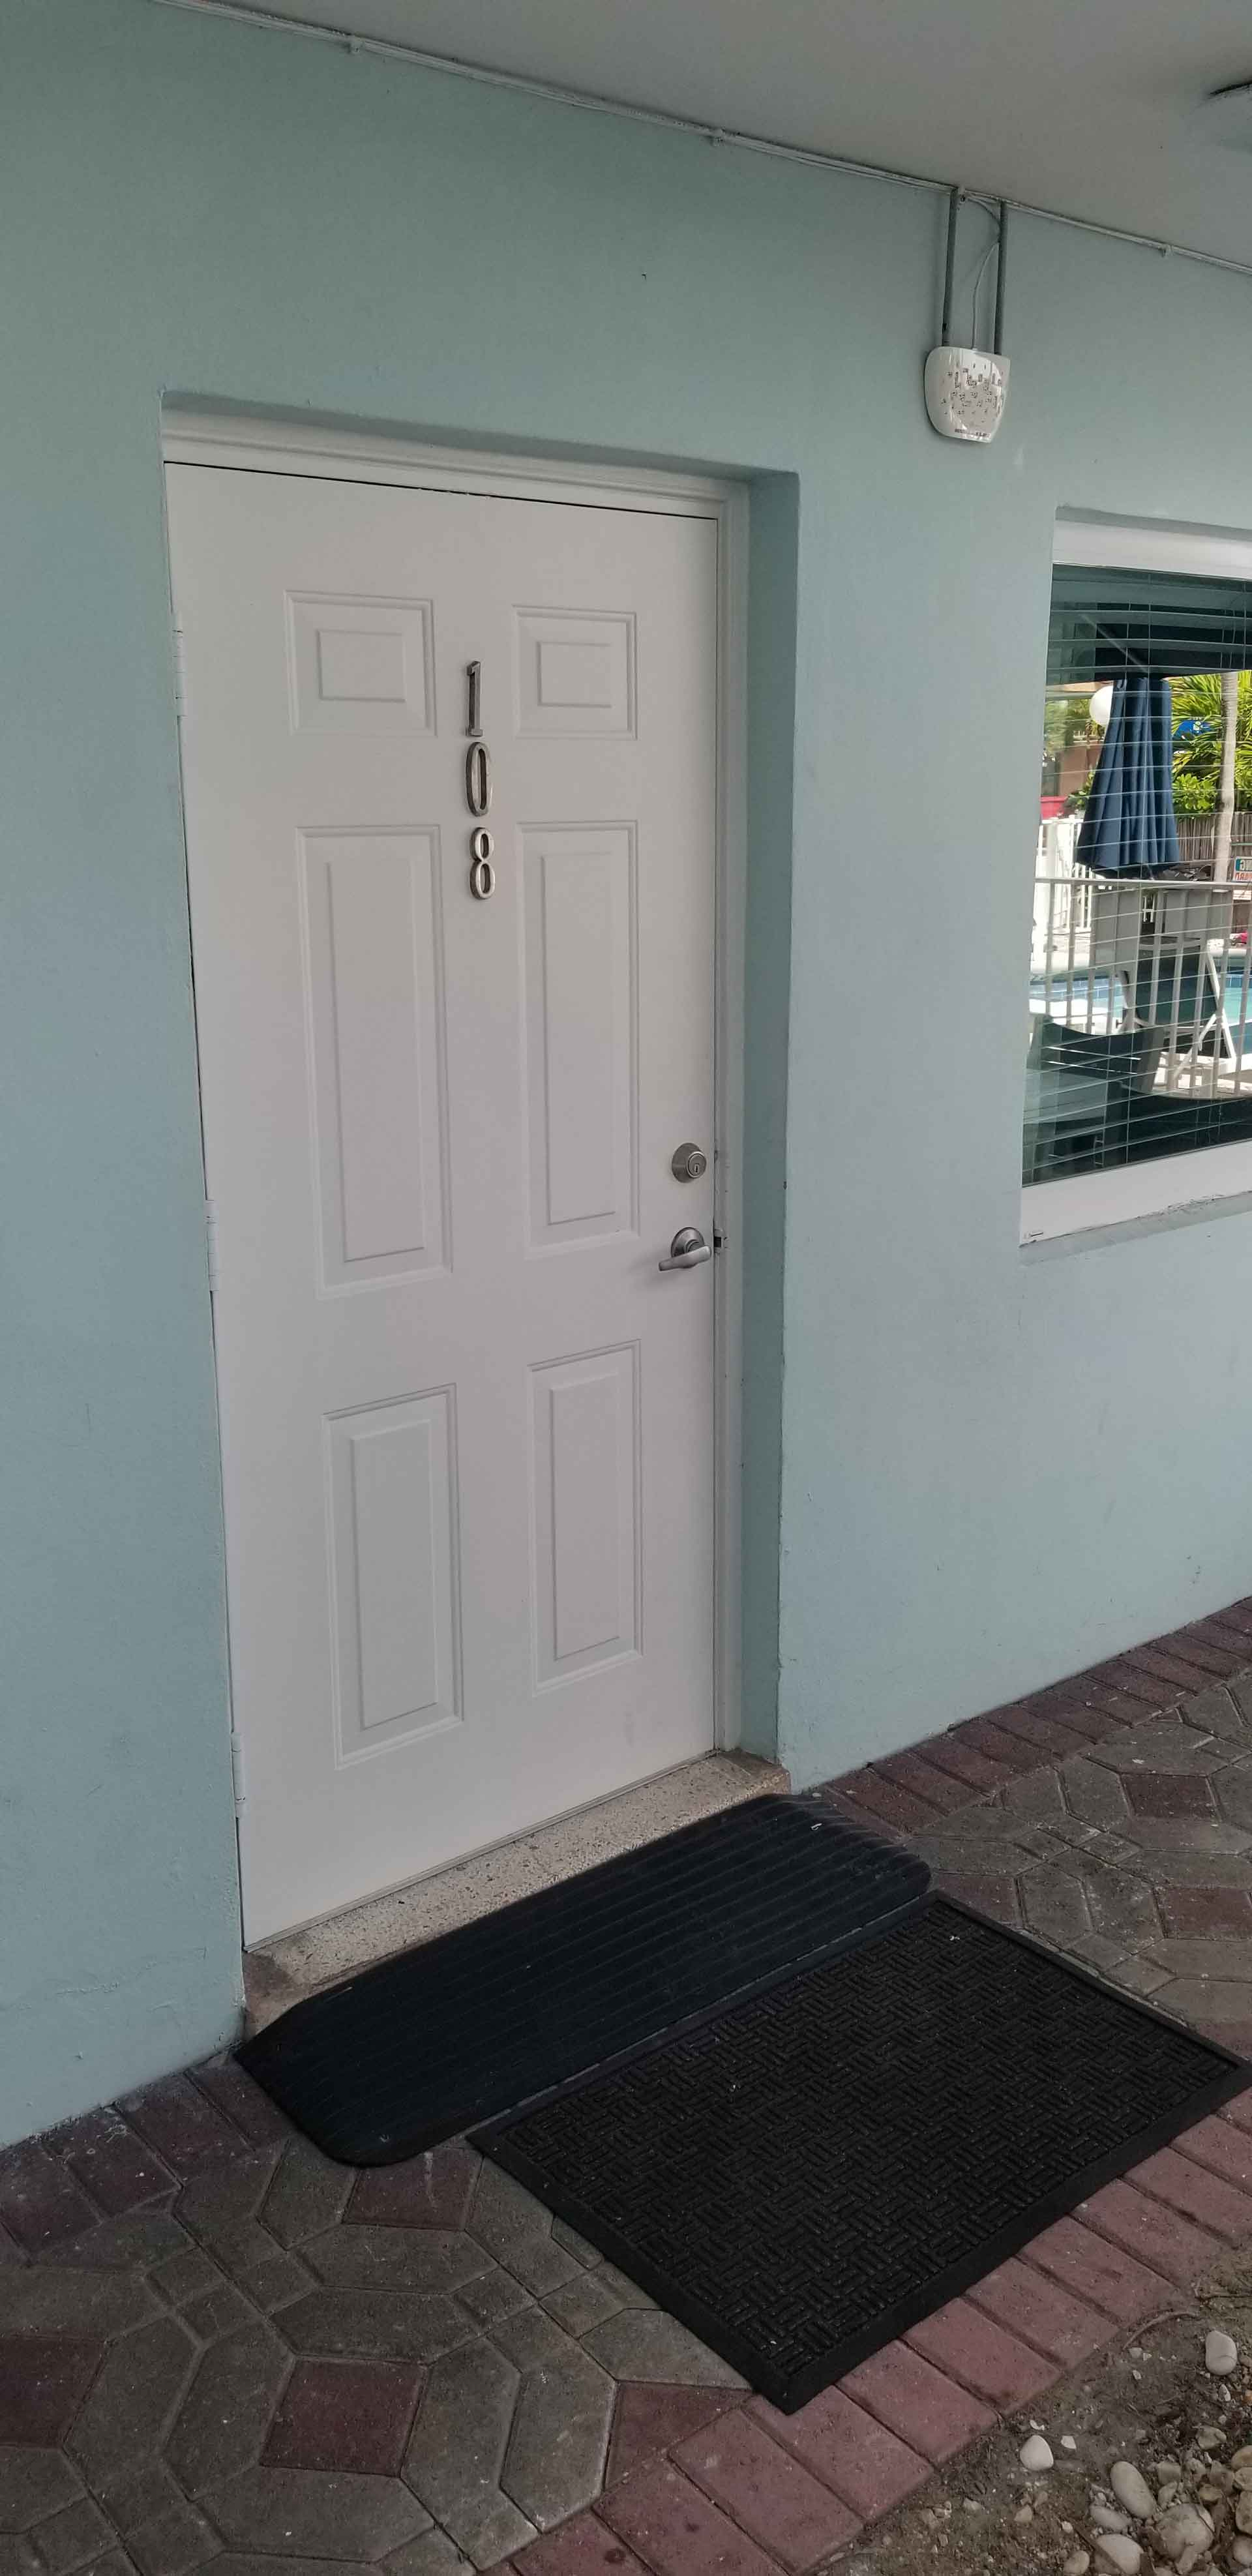 ADA Compliant entry door